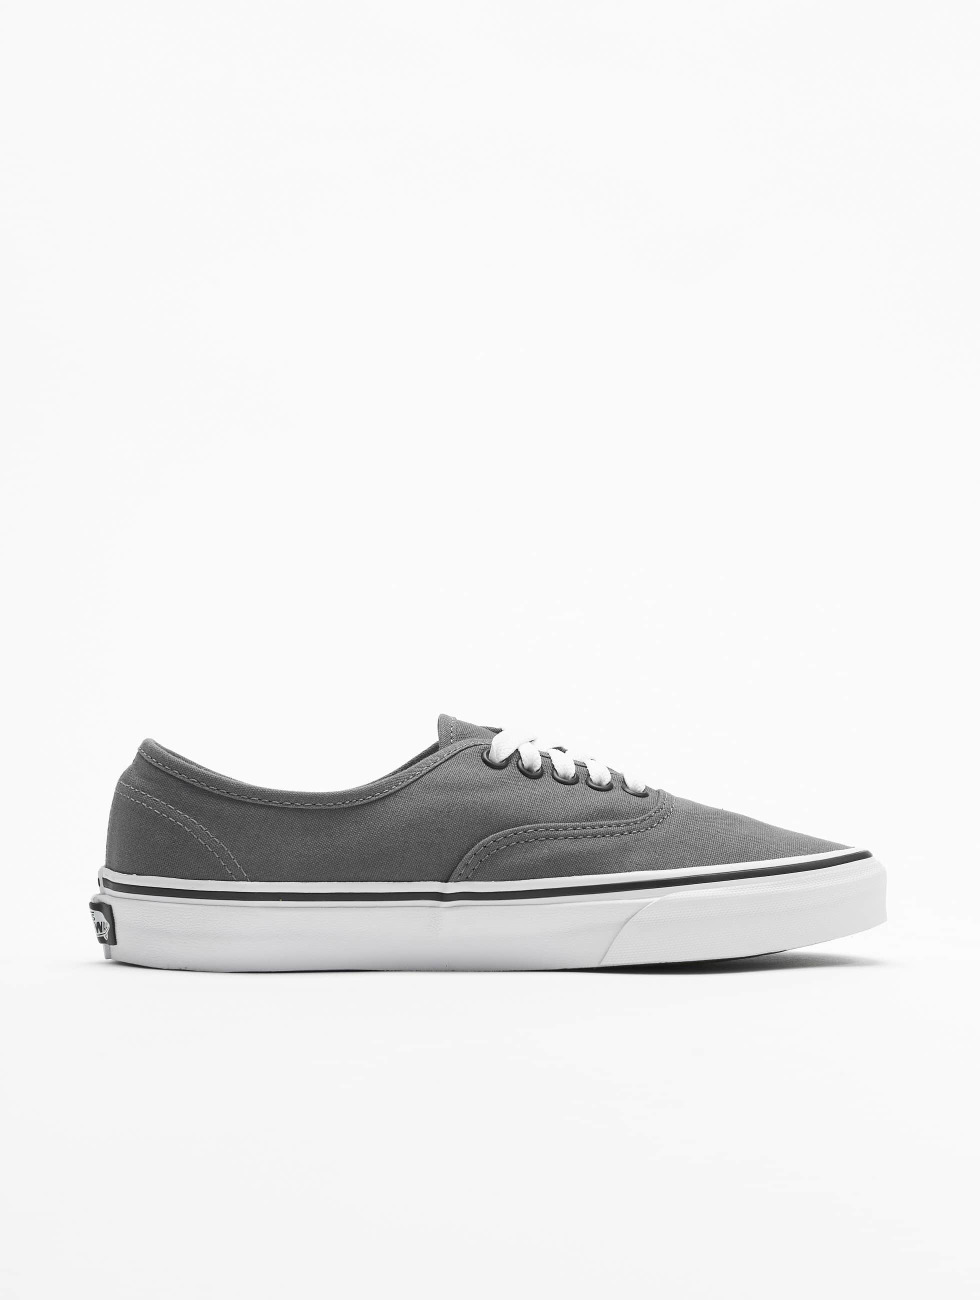 Vans sneaker Authentic grijs